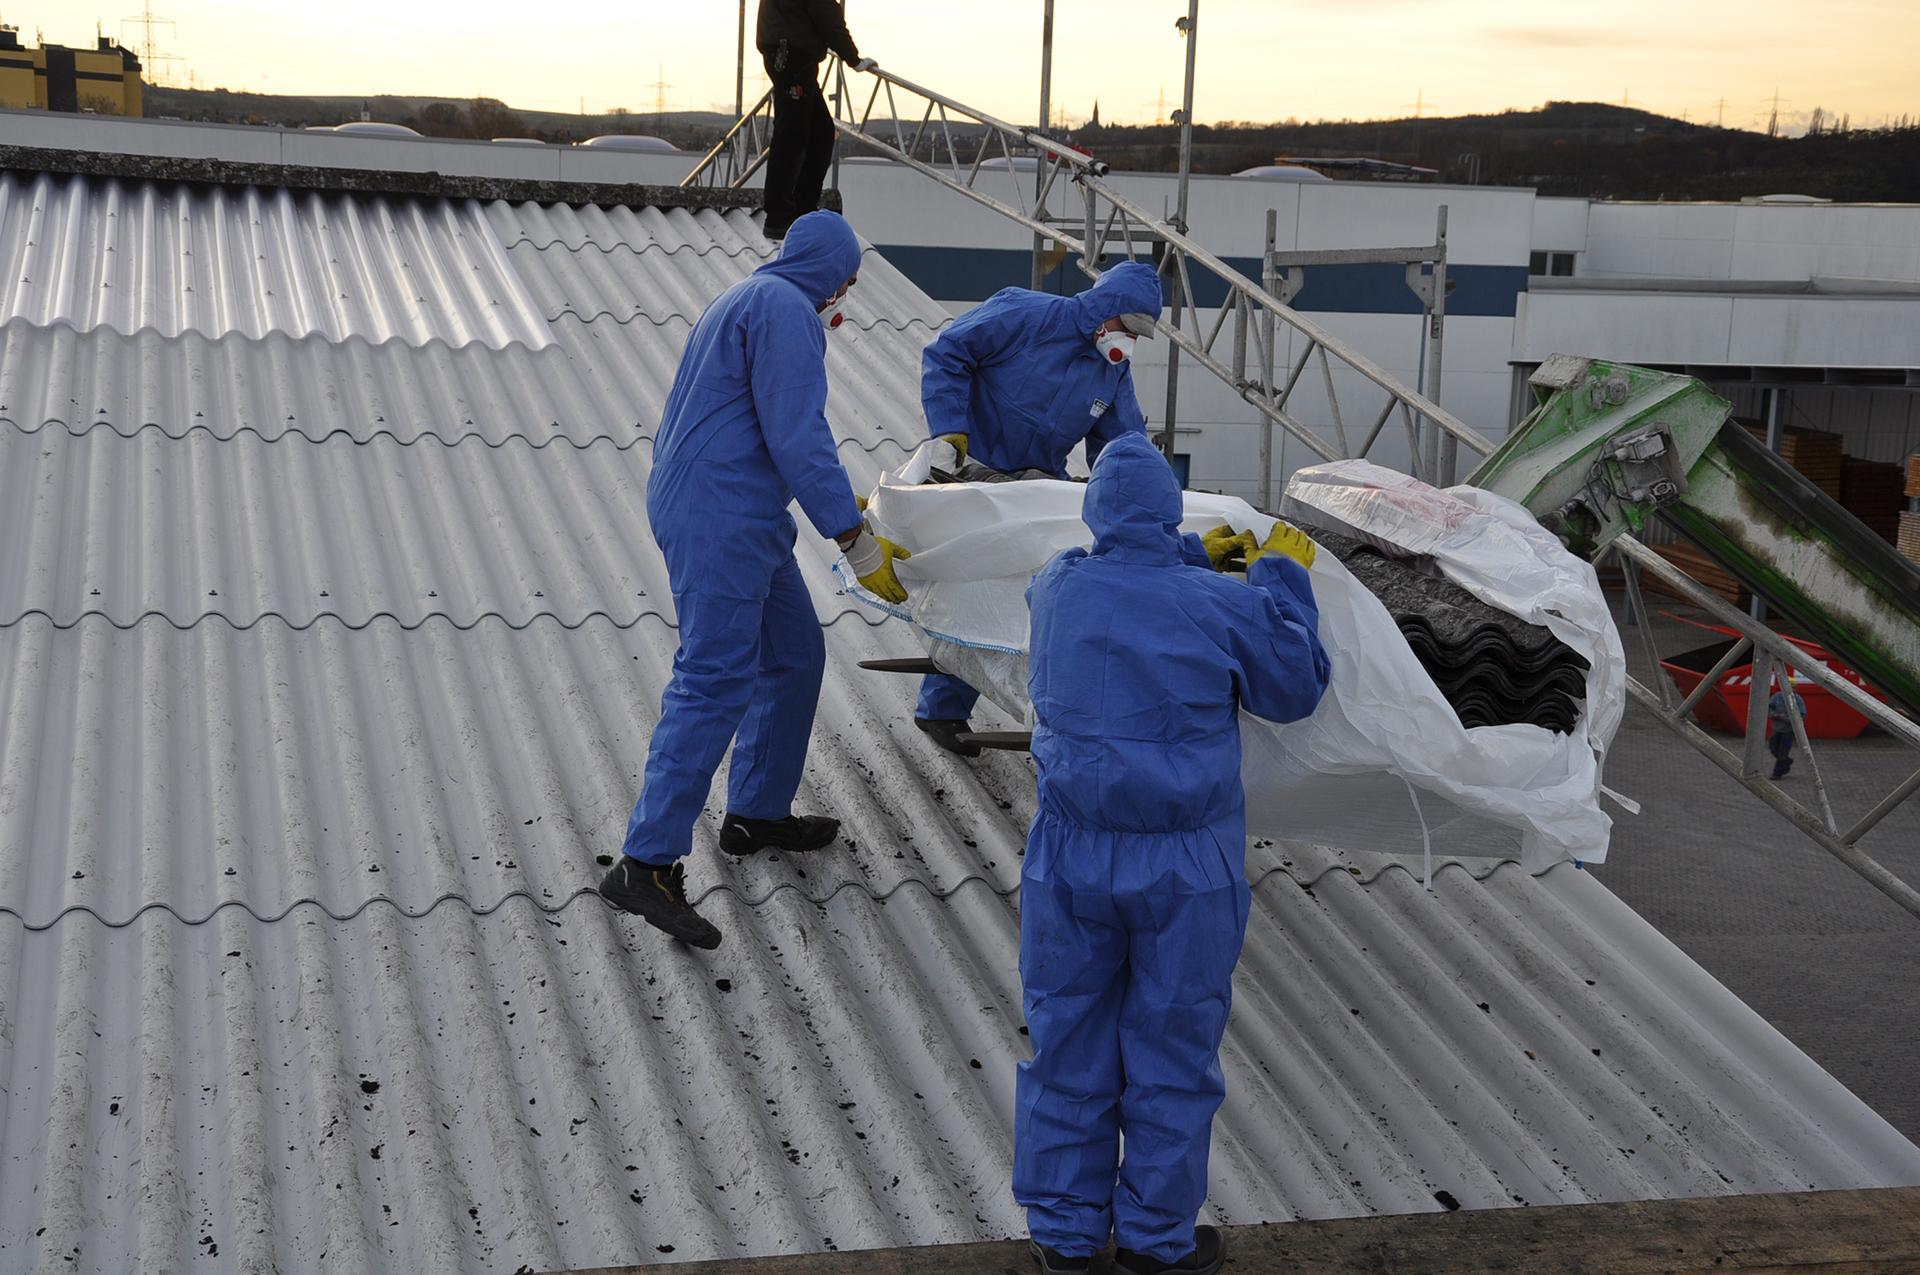 Azbest jest włóknem mineralnym, które zuwagi na jego bardzo szkodliwe działanie (pylica azbestowa, nowotwory) zostało wycofane zużytku (w Polsce w1997 r.). Prowadzone są na szeroką skalę działania, mające na celu wyeliminowanie azbestu iwyrobów zawierających azbest znaszego otoczenia. Fotografia przedstawia wymianę dachu pokrytego bardzo popularnym kiedyś eternitem azbestowo-cementowym – materiałem budowlanym wykorzystywanym dawniej wbudownictwie wpostaci płyt pokryciowych